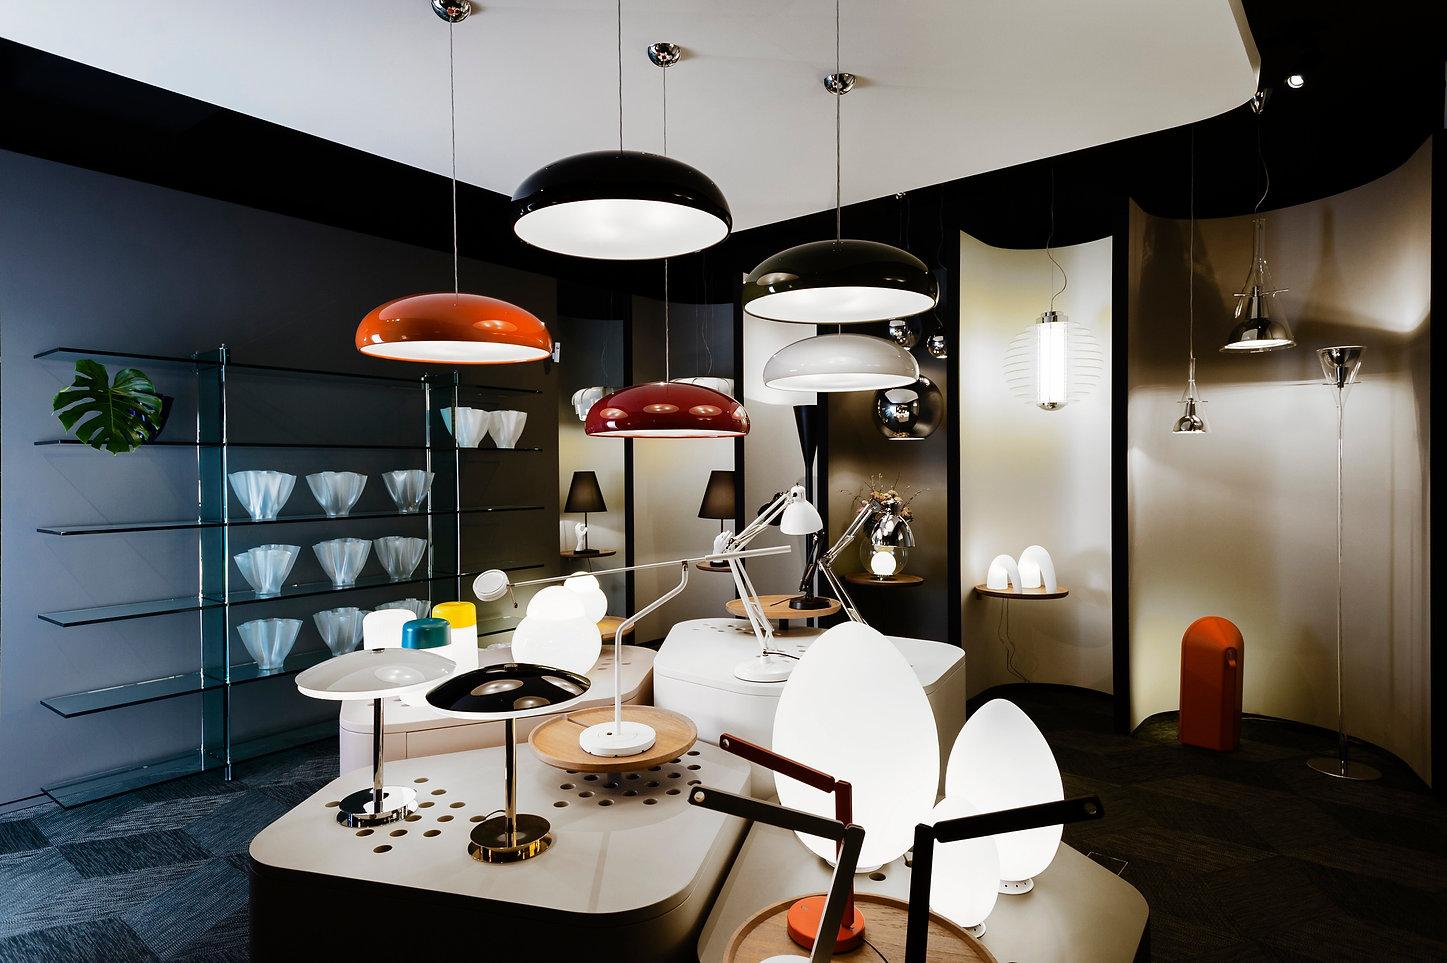 FontanaArte_Milan Showroom_014.jpg